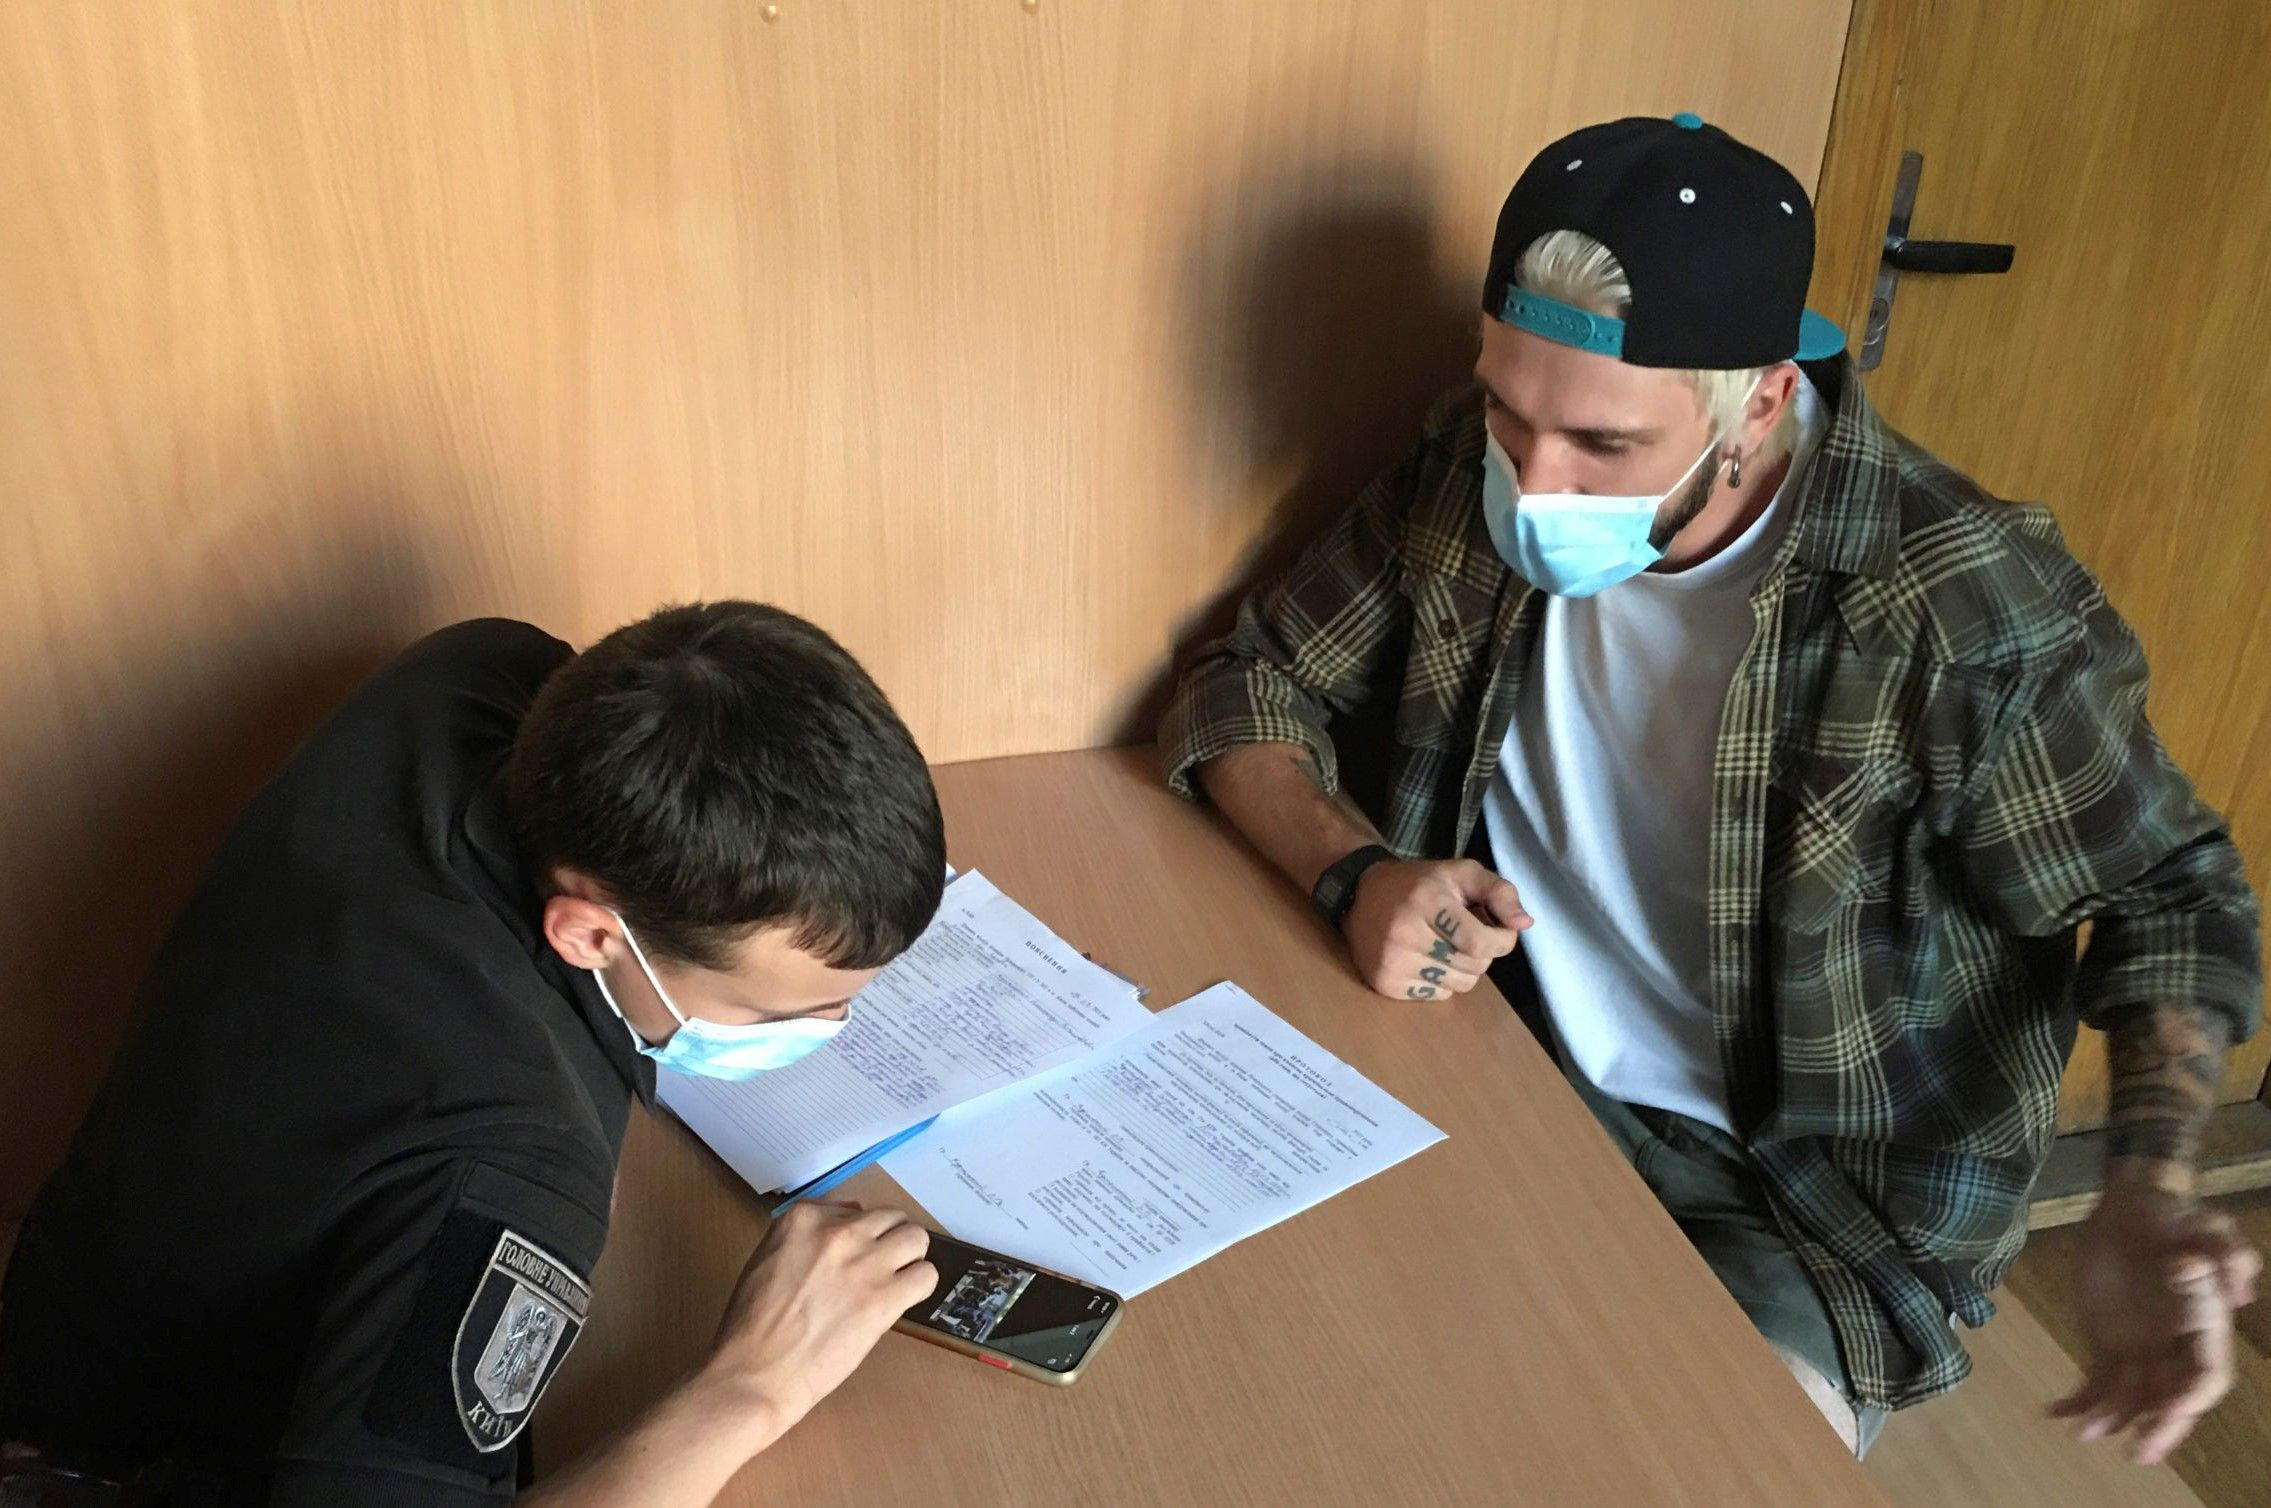 Представники праворадикальних організацій напали на журналіста в Києві під час суду щодо білоруса Боленкова (ВІДЕО)